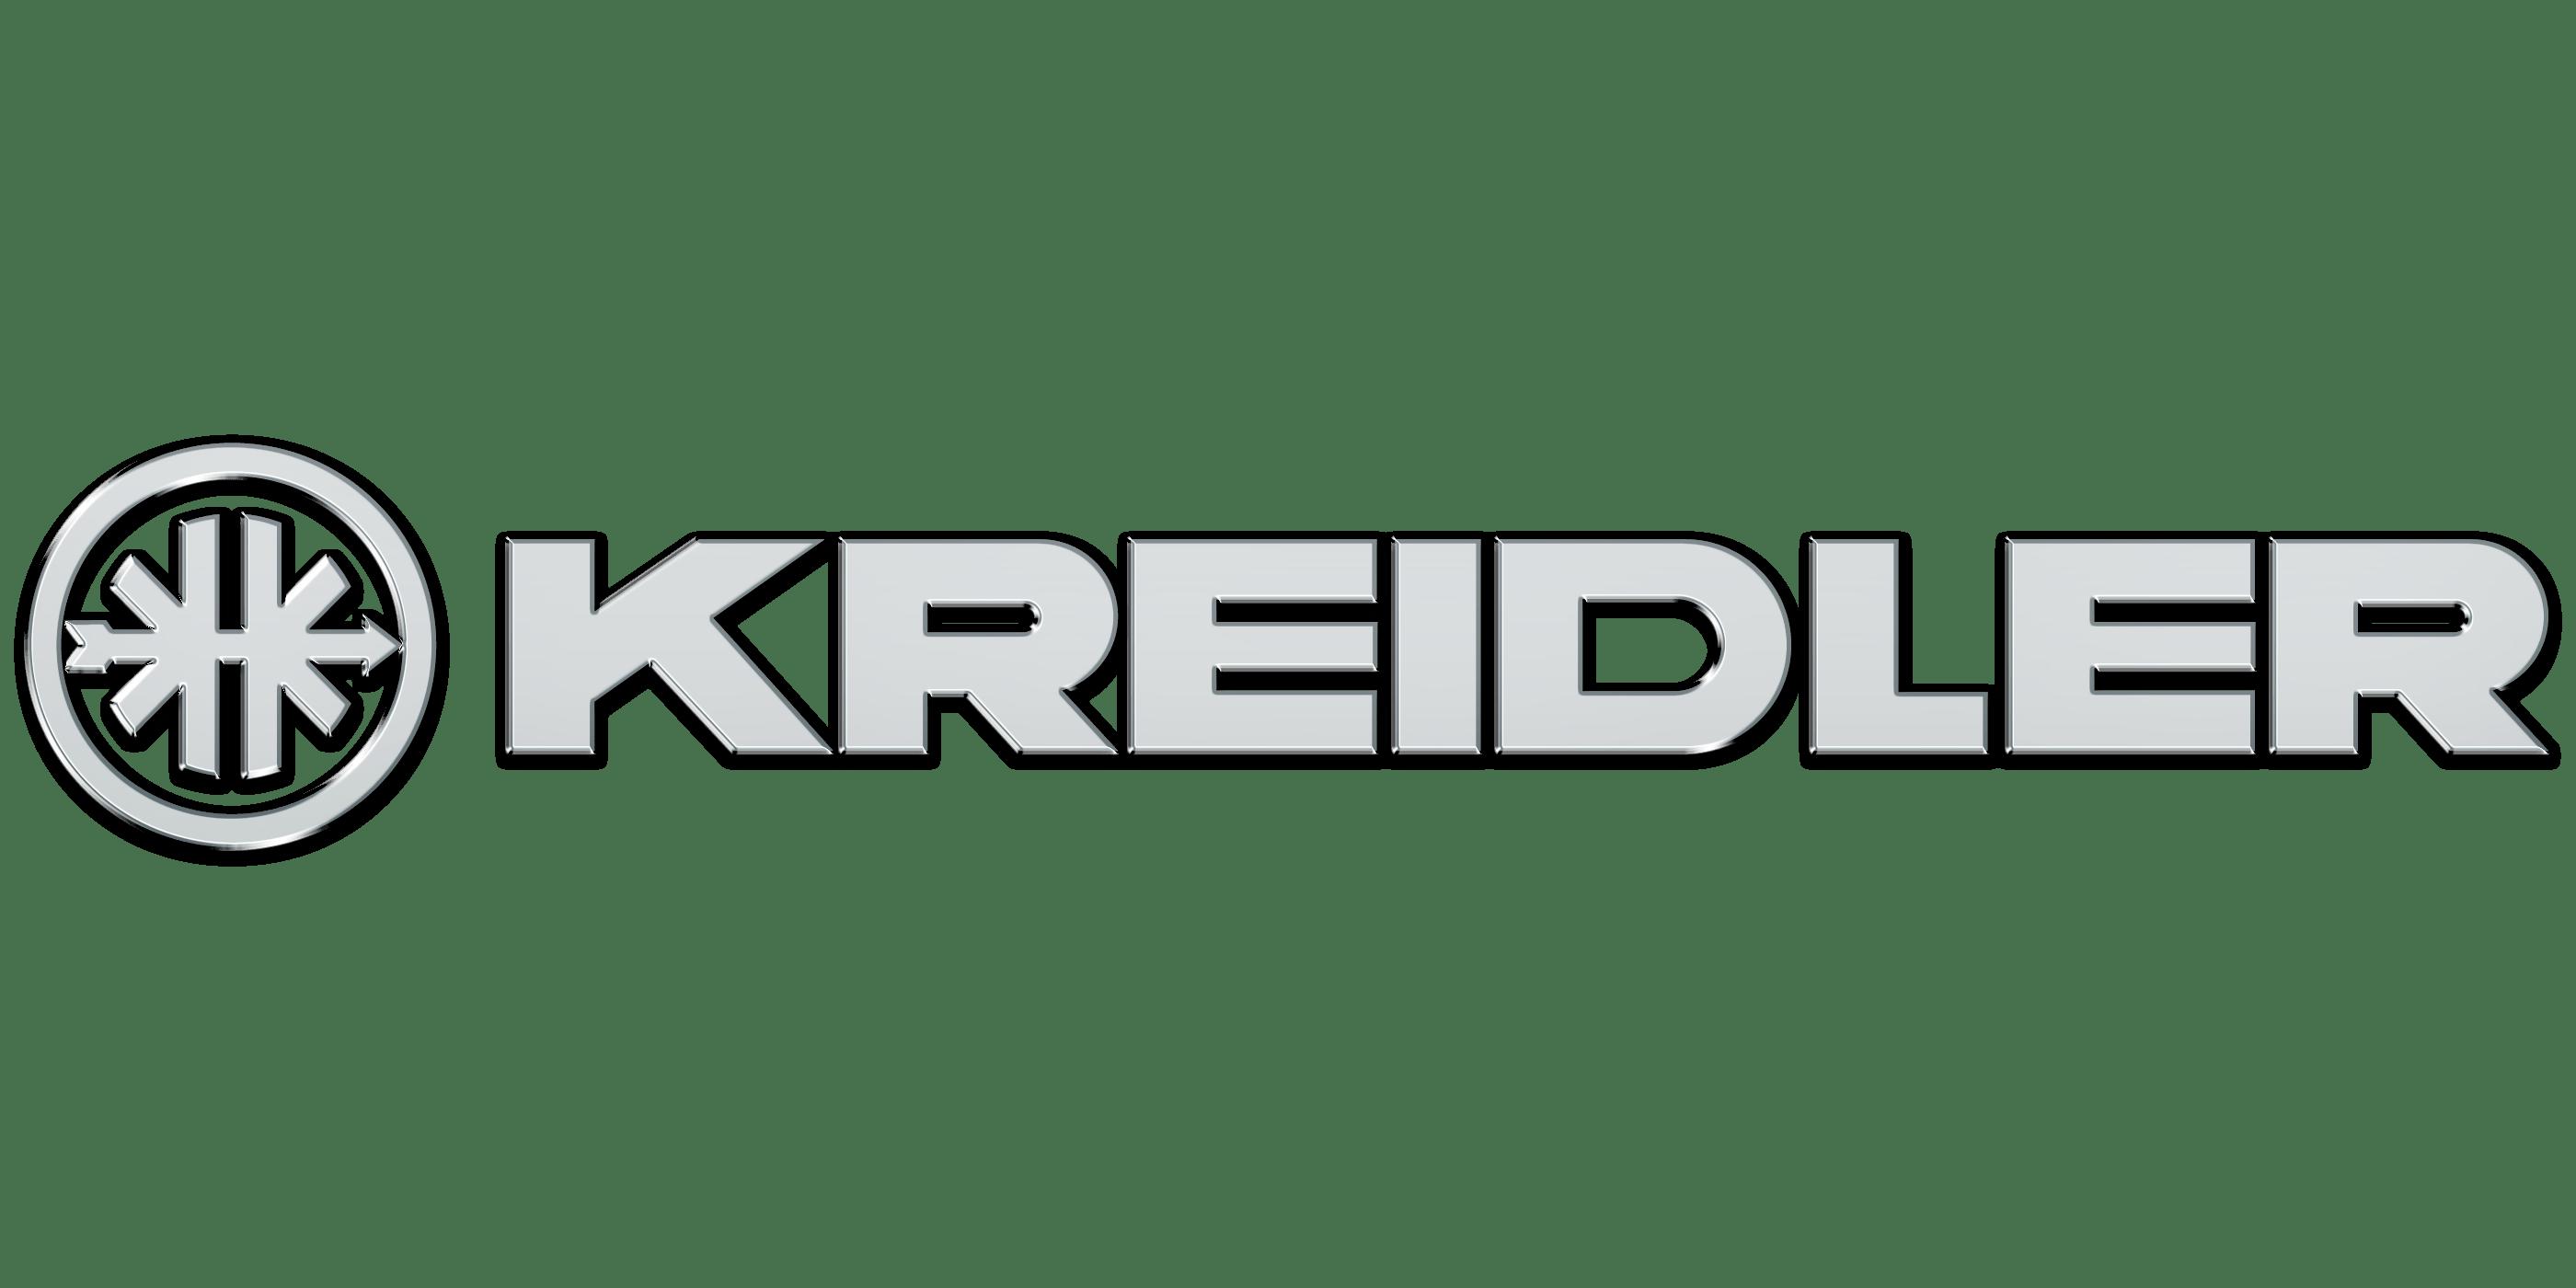 Kreidler Logo Motorradlogos Glas